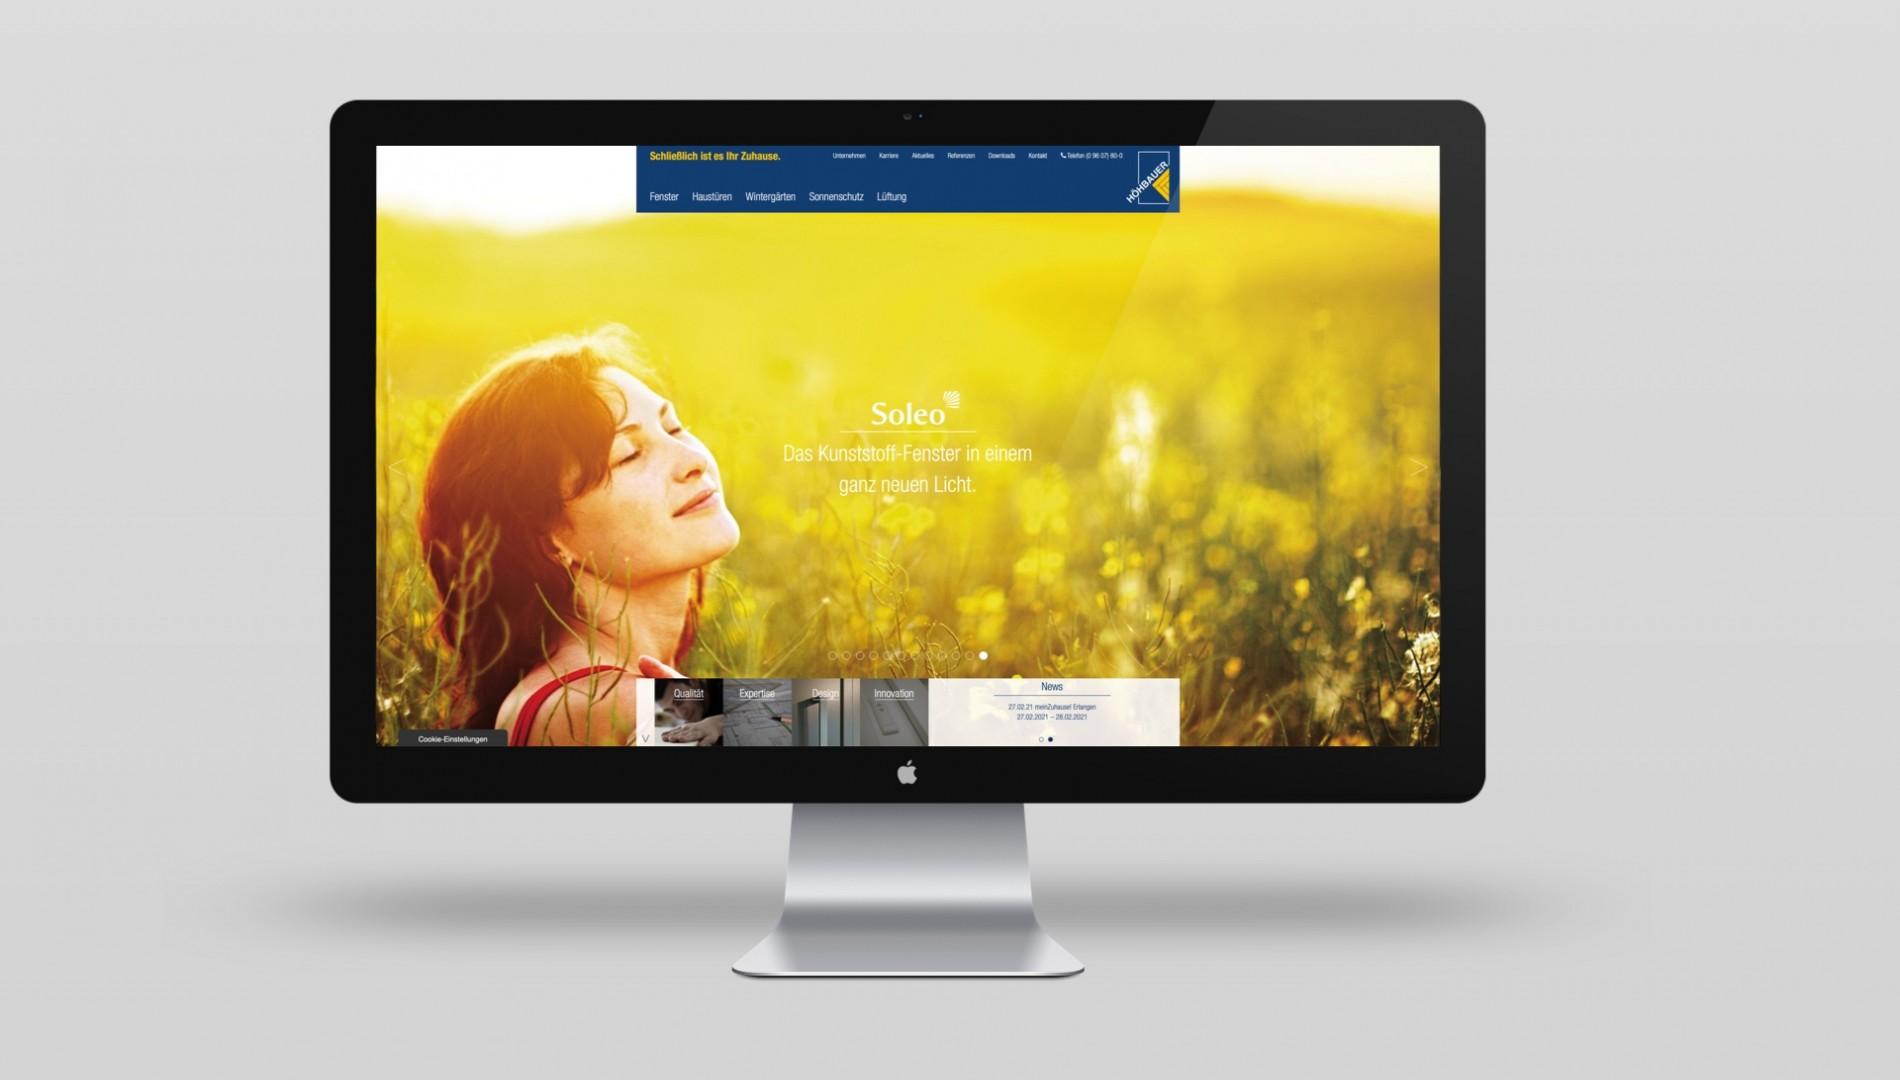 Responsiver Internetauftritt mit TYPO3 Content-Management-System für die Höhbauer GmbH von der Designagentur das formt aus München